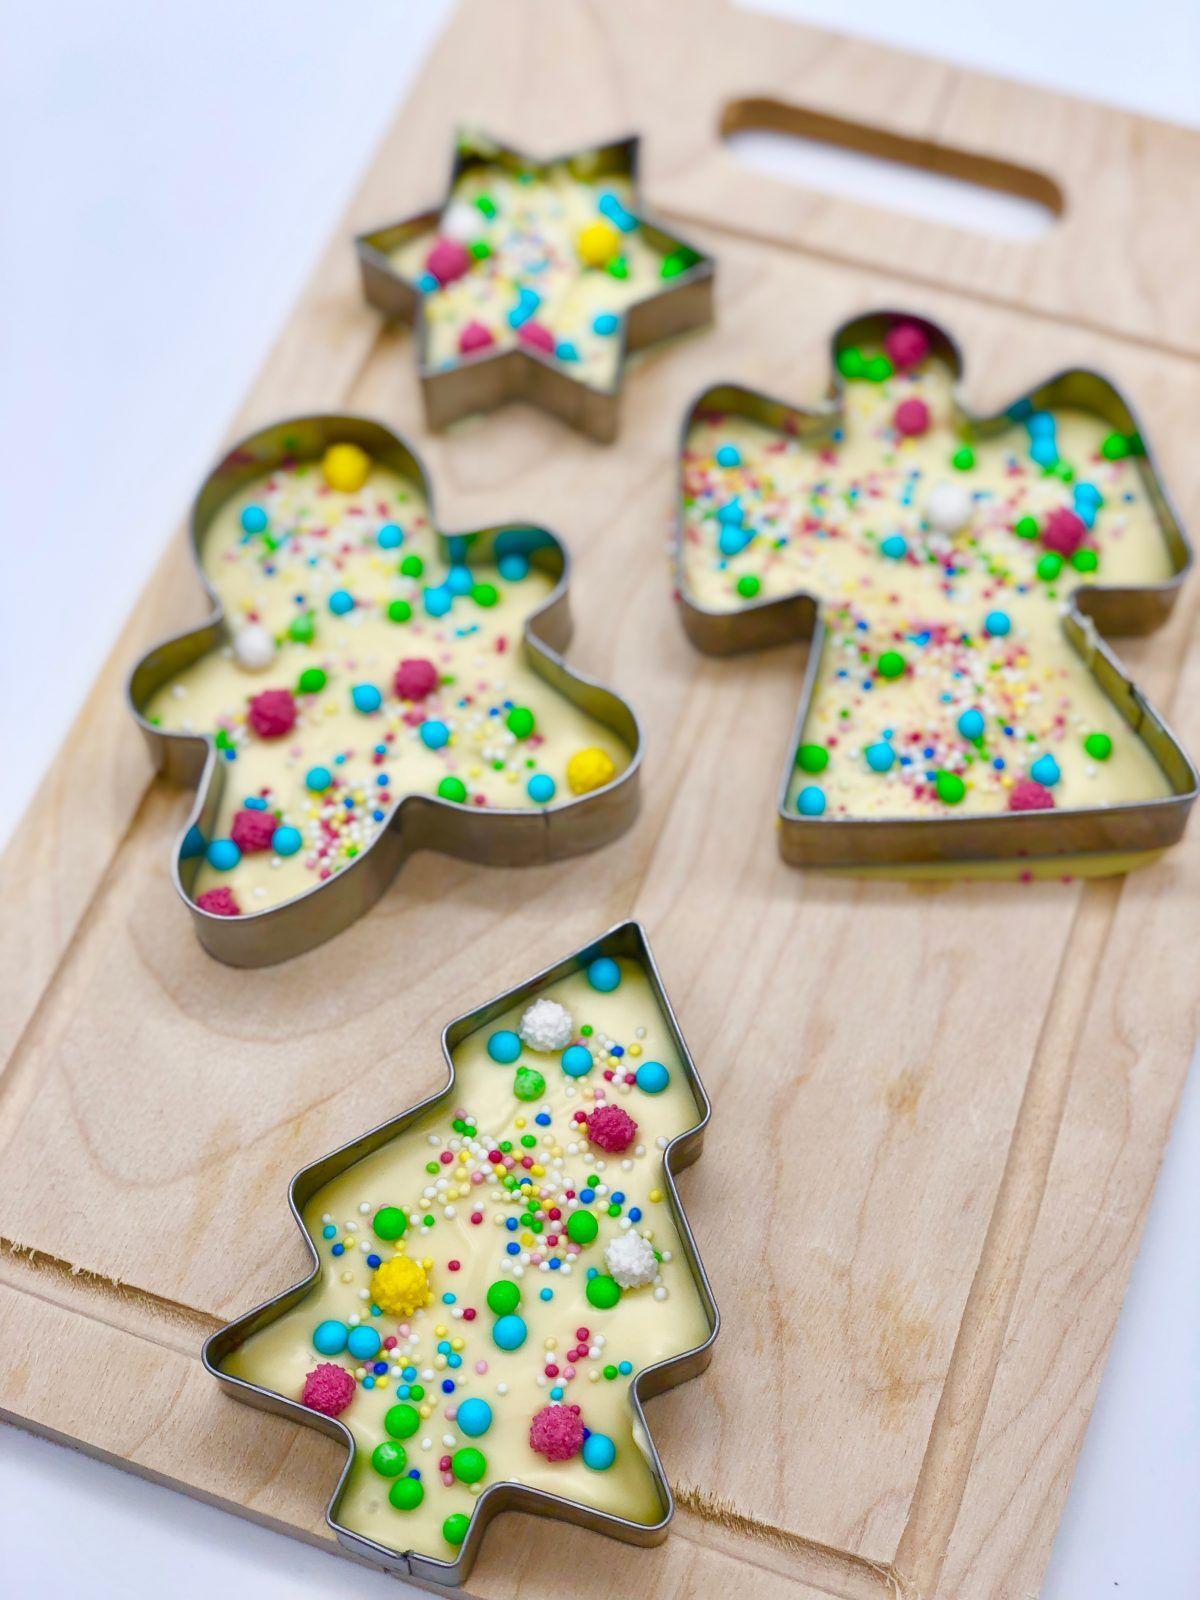 Schokolade schmelzen und verzieren - im Thermomix oder Wasserbad #weihnachtsgeschenkeselbermachen